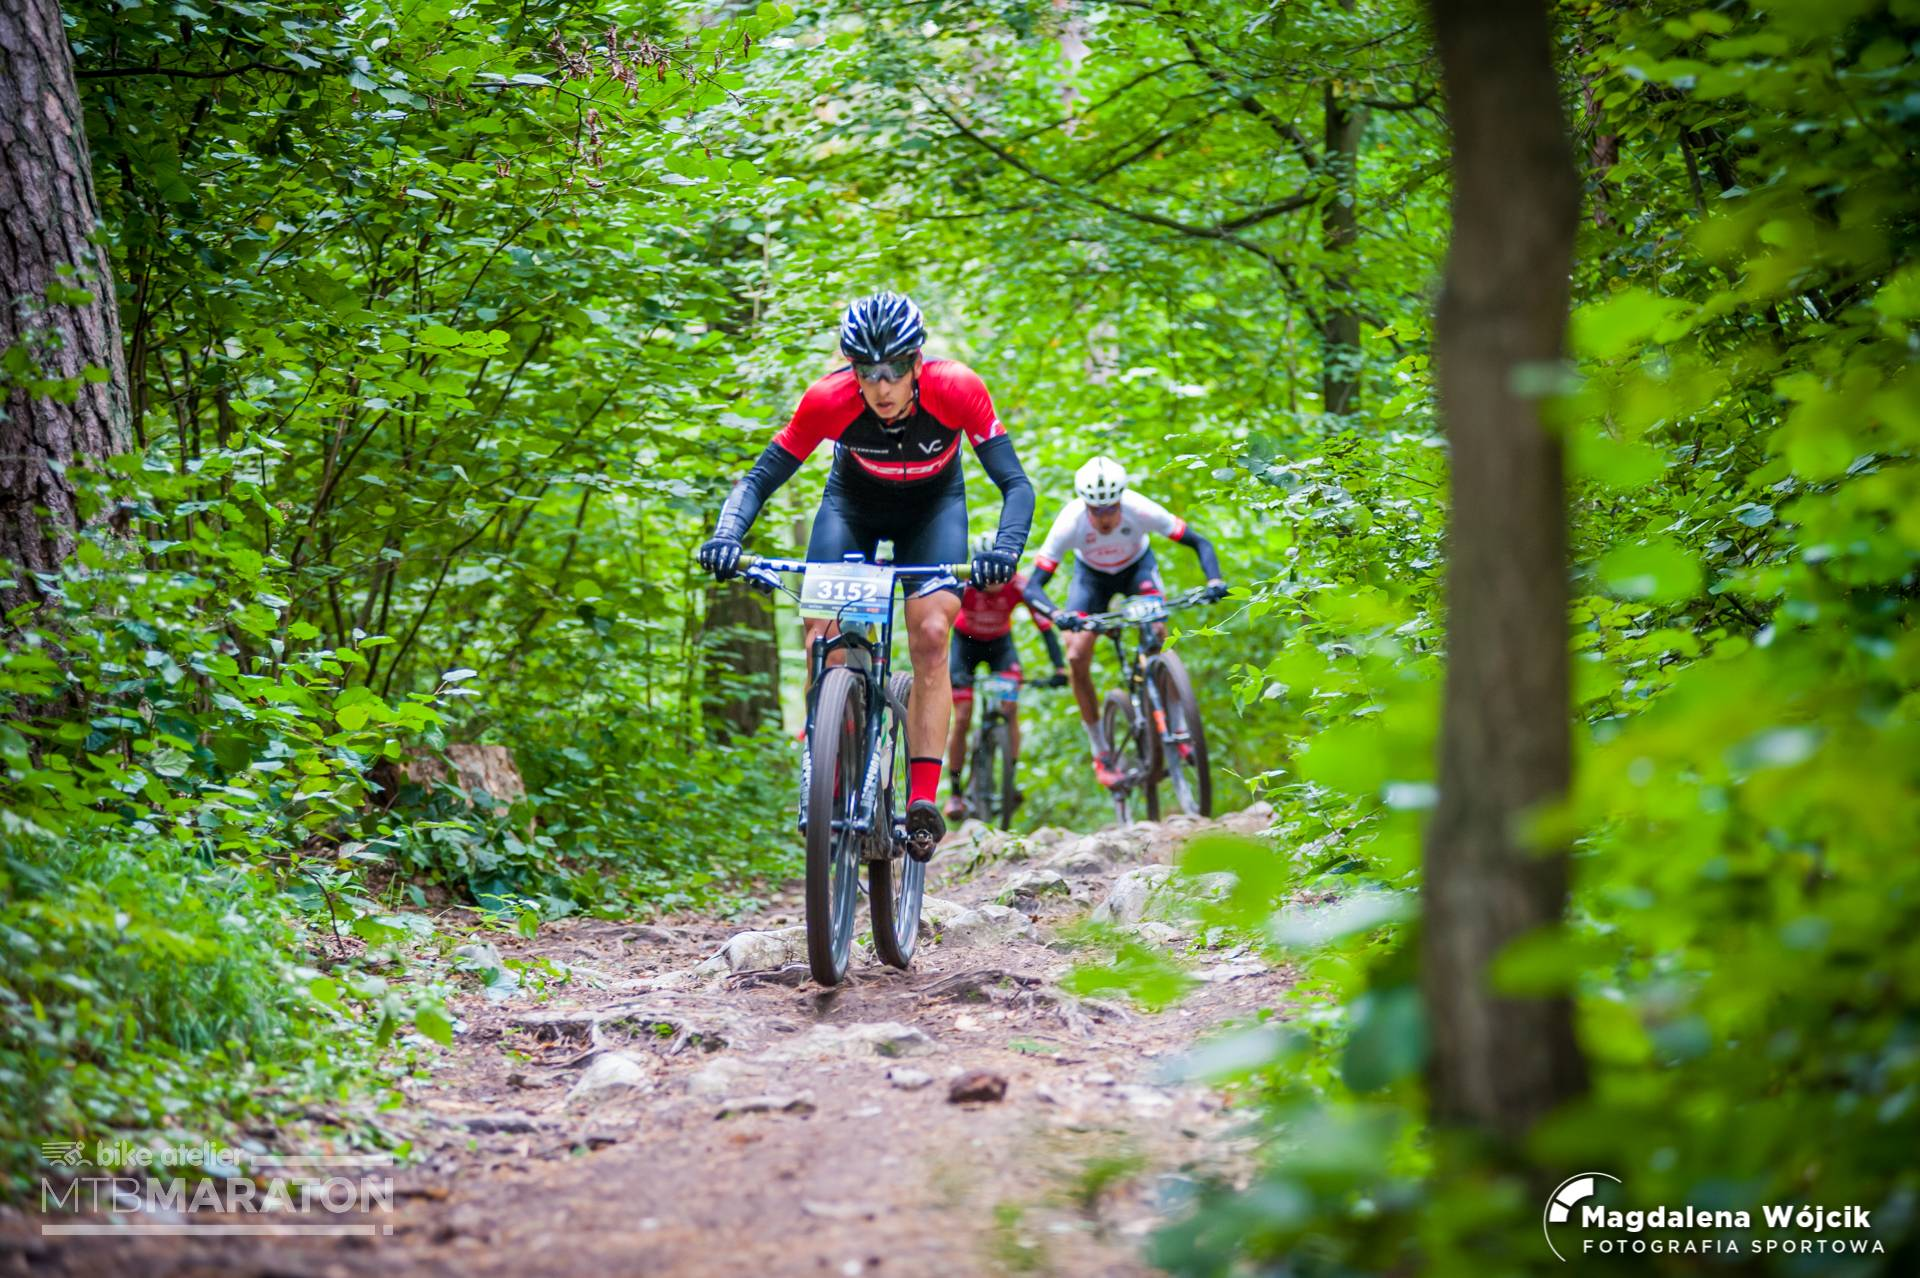 Maciej Jeziorski (jezior.bike) –  Bike Atelier MTB Maraton, Kielce / Puchar Szlaku Solnego, Rabka Zdrój